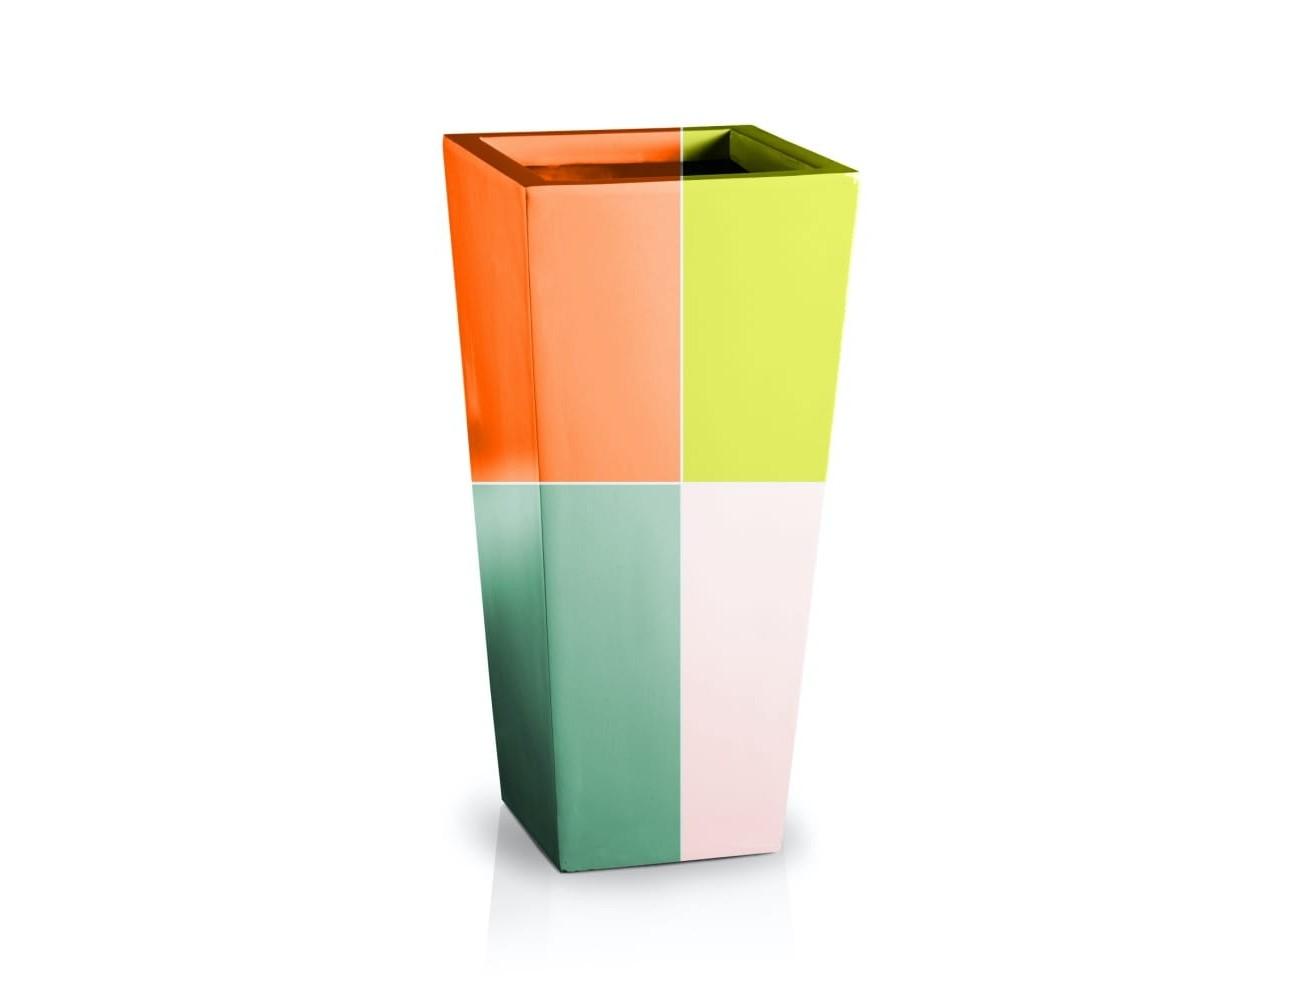 Donica Fiberglass 30x67 cm kolor na zamówienie